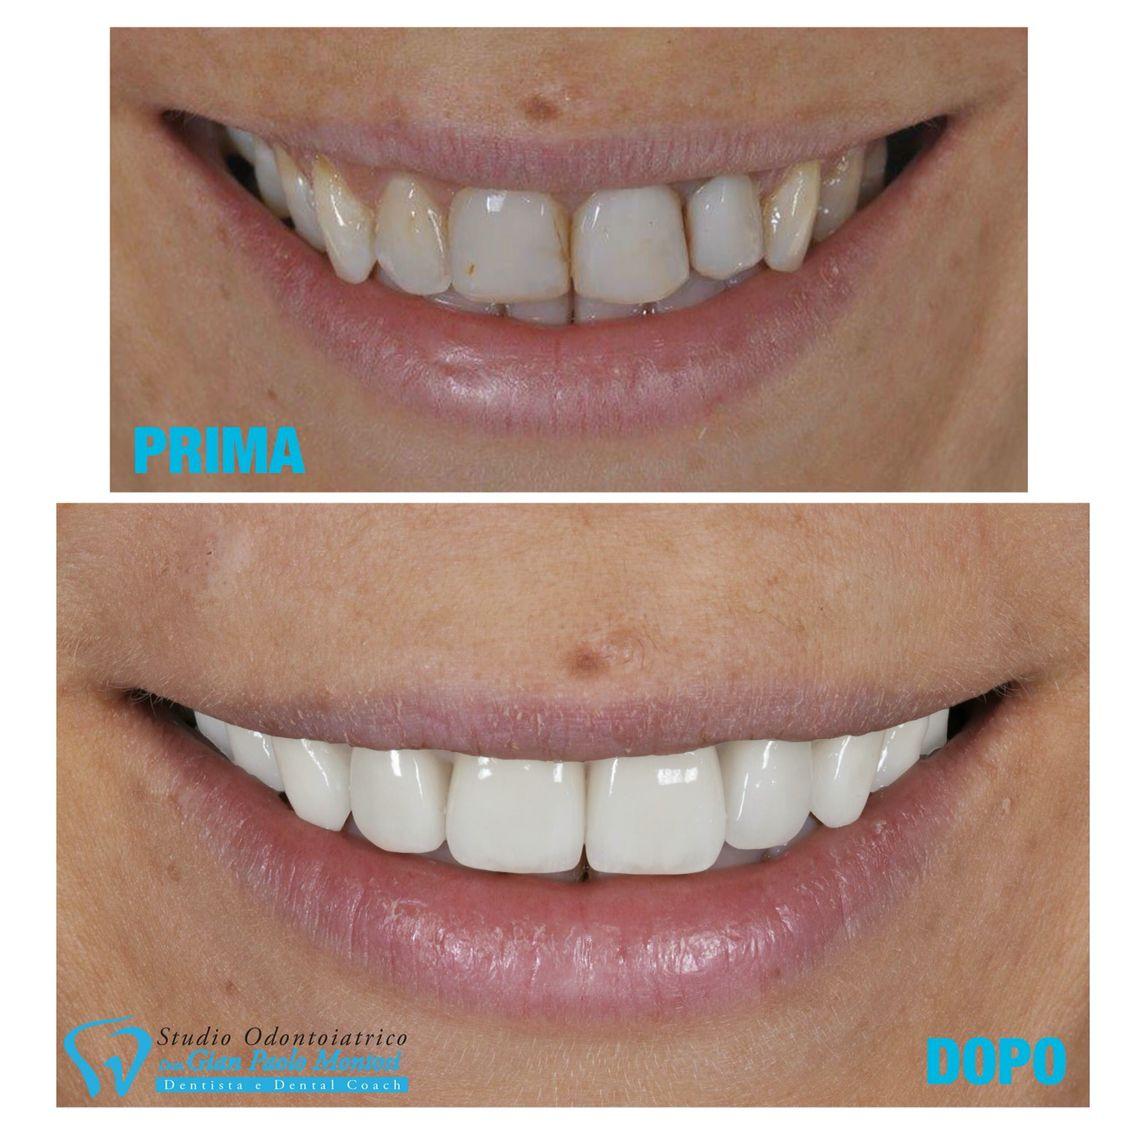 Studio Dentistico Dott. Montosi Gian Paolo Dental Coach Buon lunedì! Grazie alle faccette dentali abbiamo reso la nostra paziente più sicura di sé e felice di avere finalmente il sorriso che ha sempre desiderato. Vuoi avere maggiori informazioni? Chiama lo 059 244464 e fissa un appuntamento per una visita senza impegno, concediti la possibilità di realizzare il tuo sogno. Lo Studio Montosi è qui per aiutarti! #faccettedentali #sorriso #studiodentisticomontosi